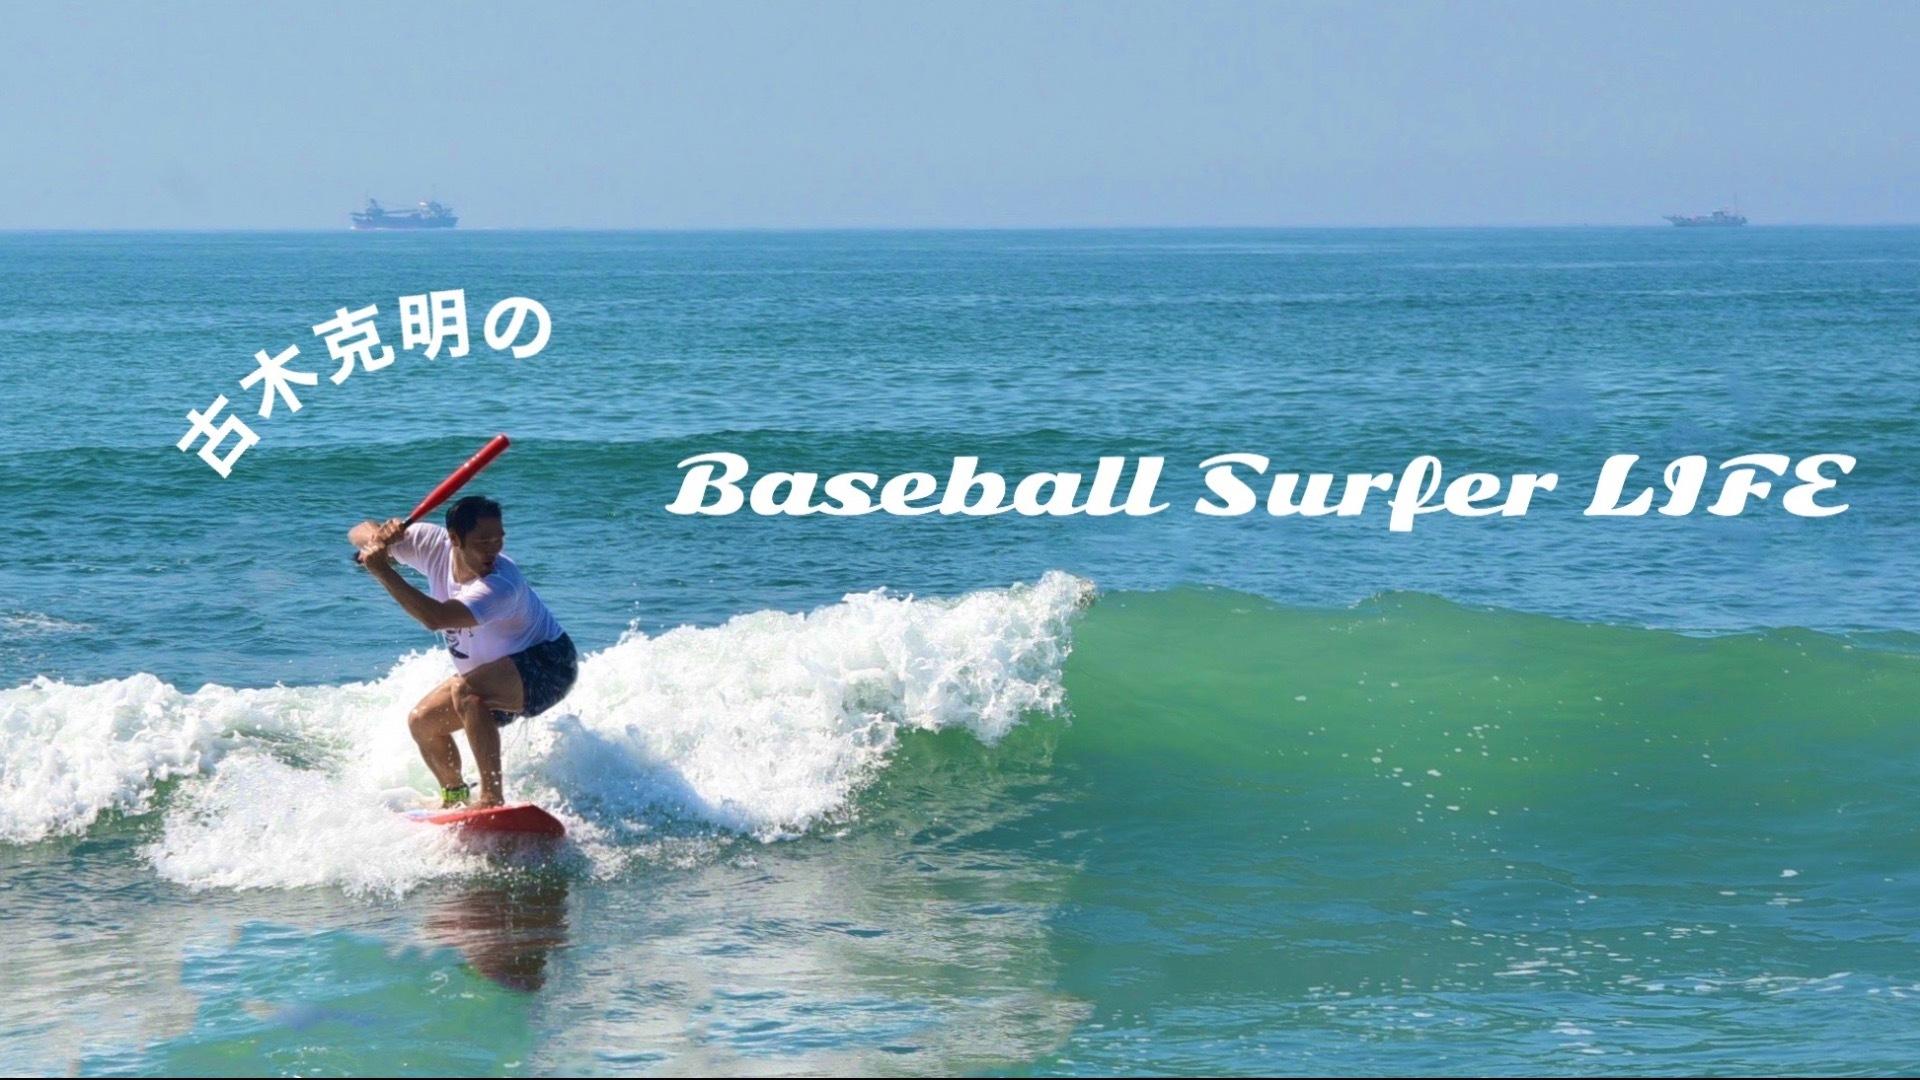 古木克明のBaseball Surfer LIFE